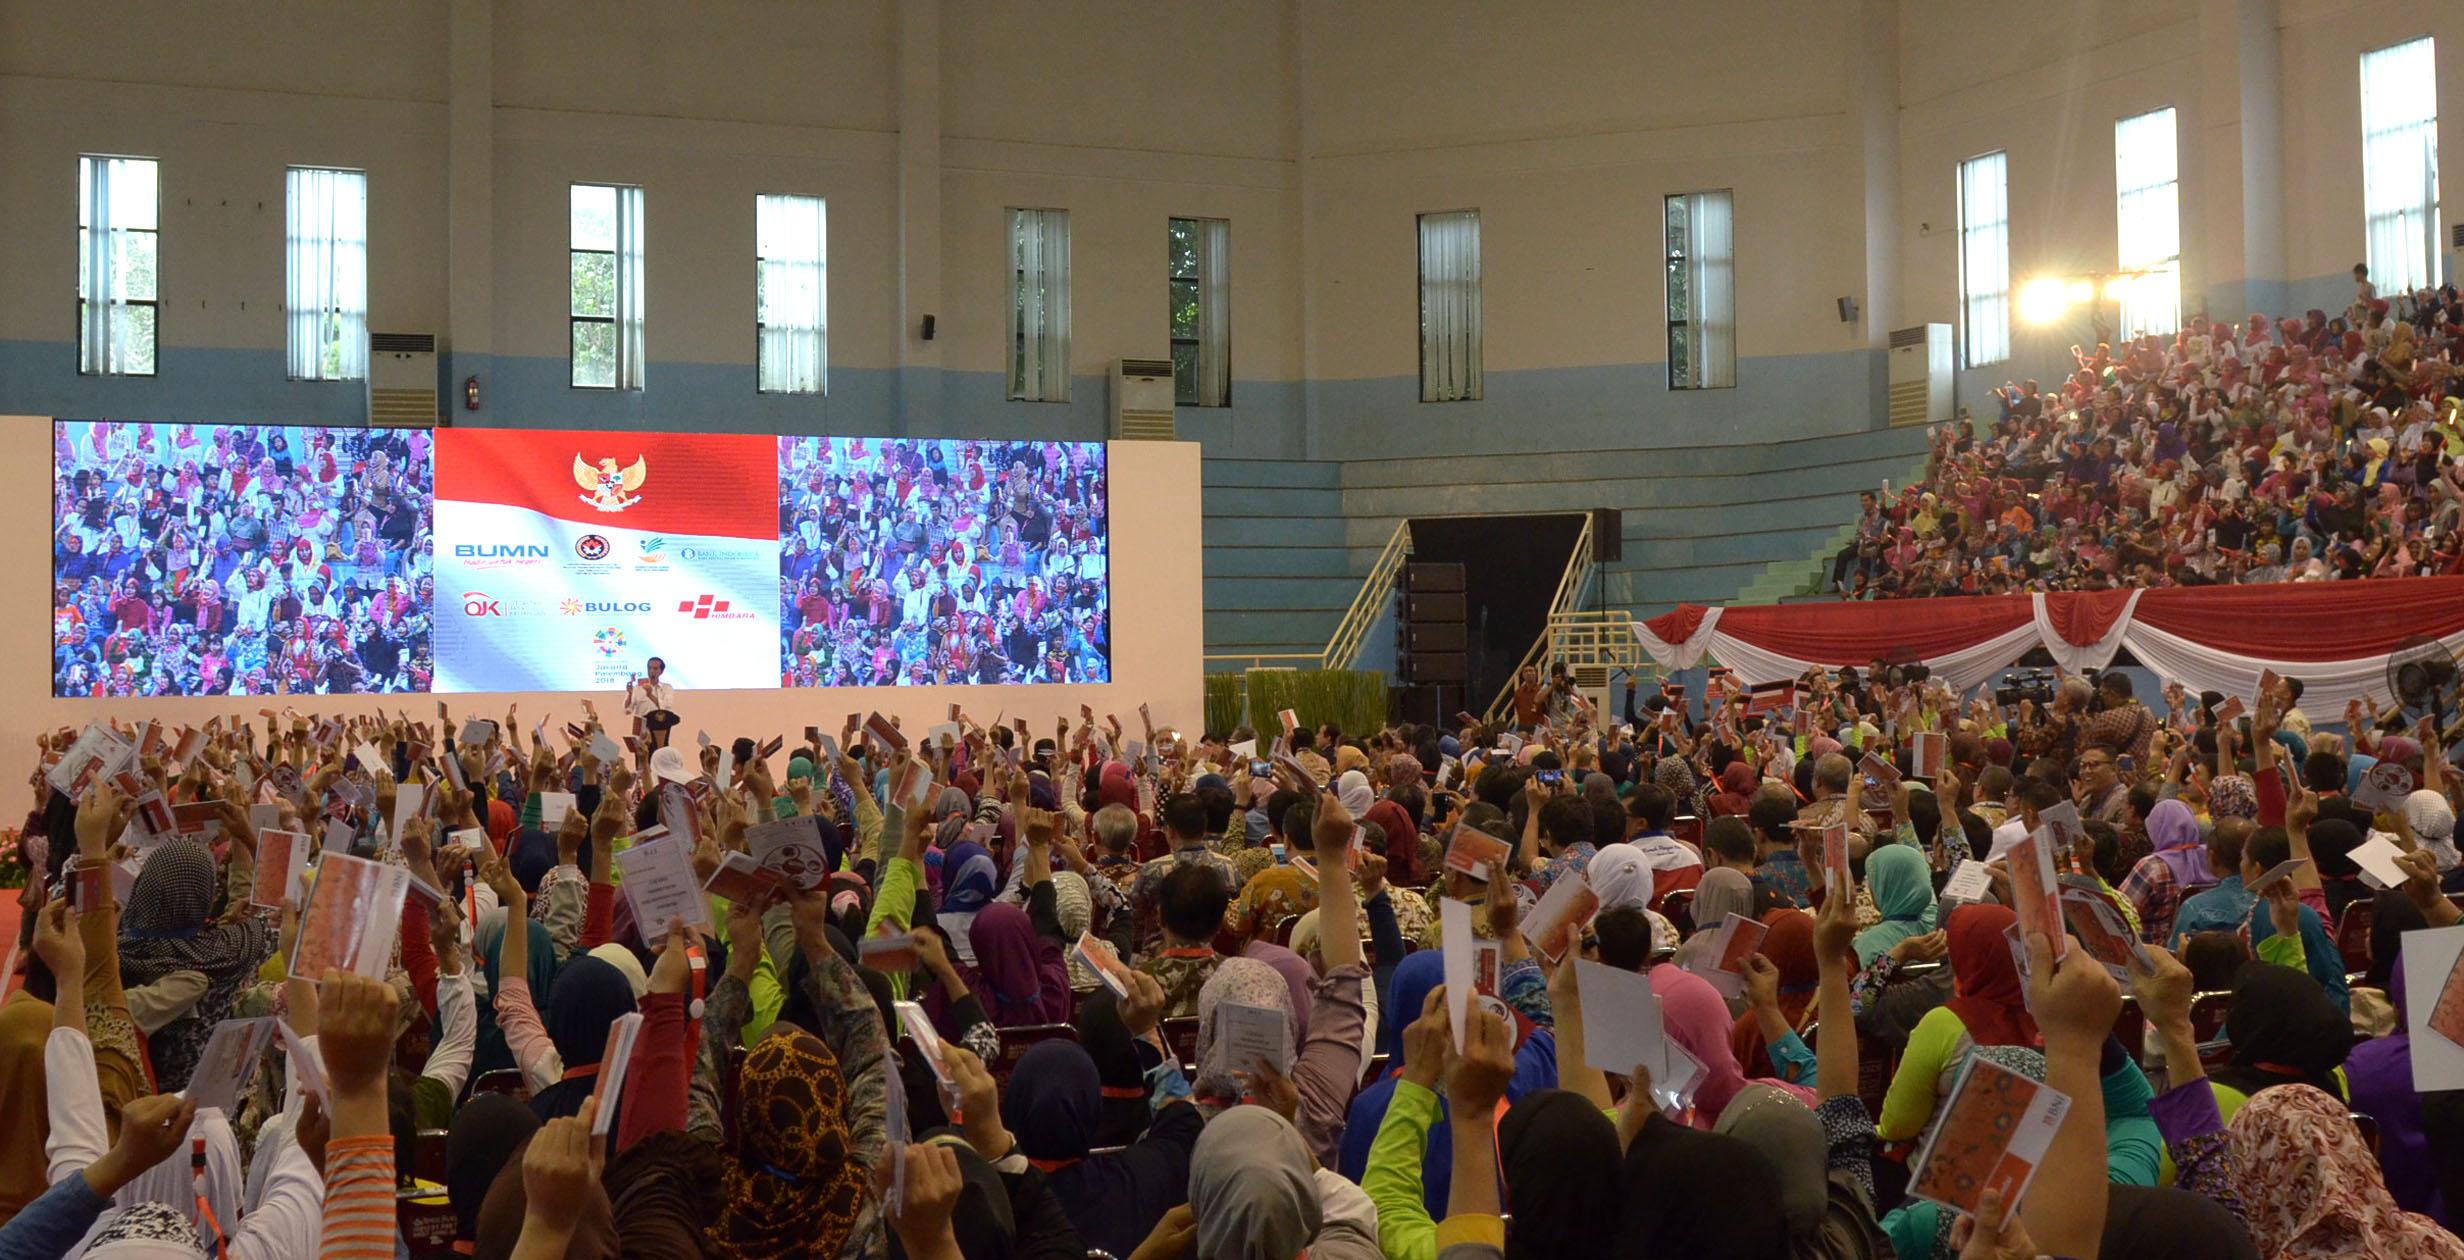 Presiden Jokowi saat luncurkan program BPNT di Gedung Olahraga Popki, Cibubur, Kamis (23/2). (Foto: Humas/Oji)